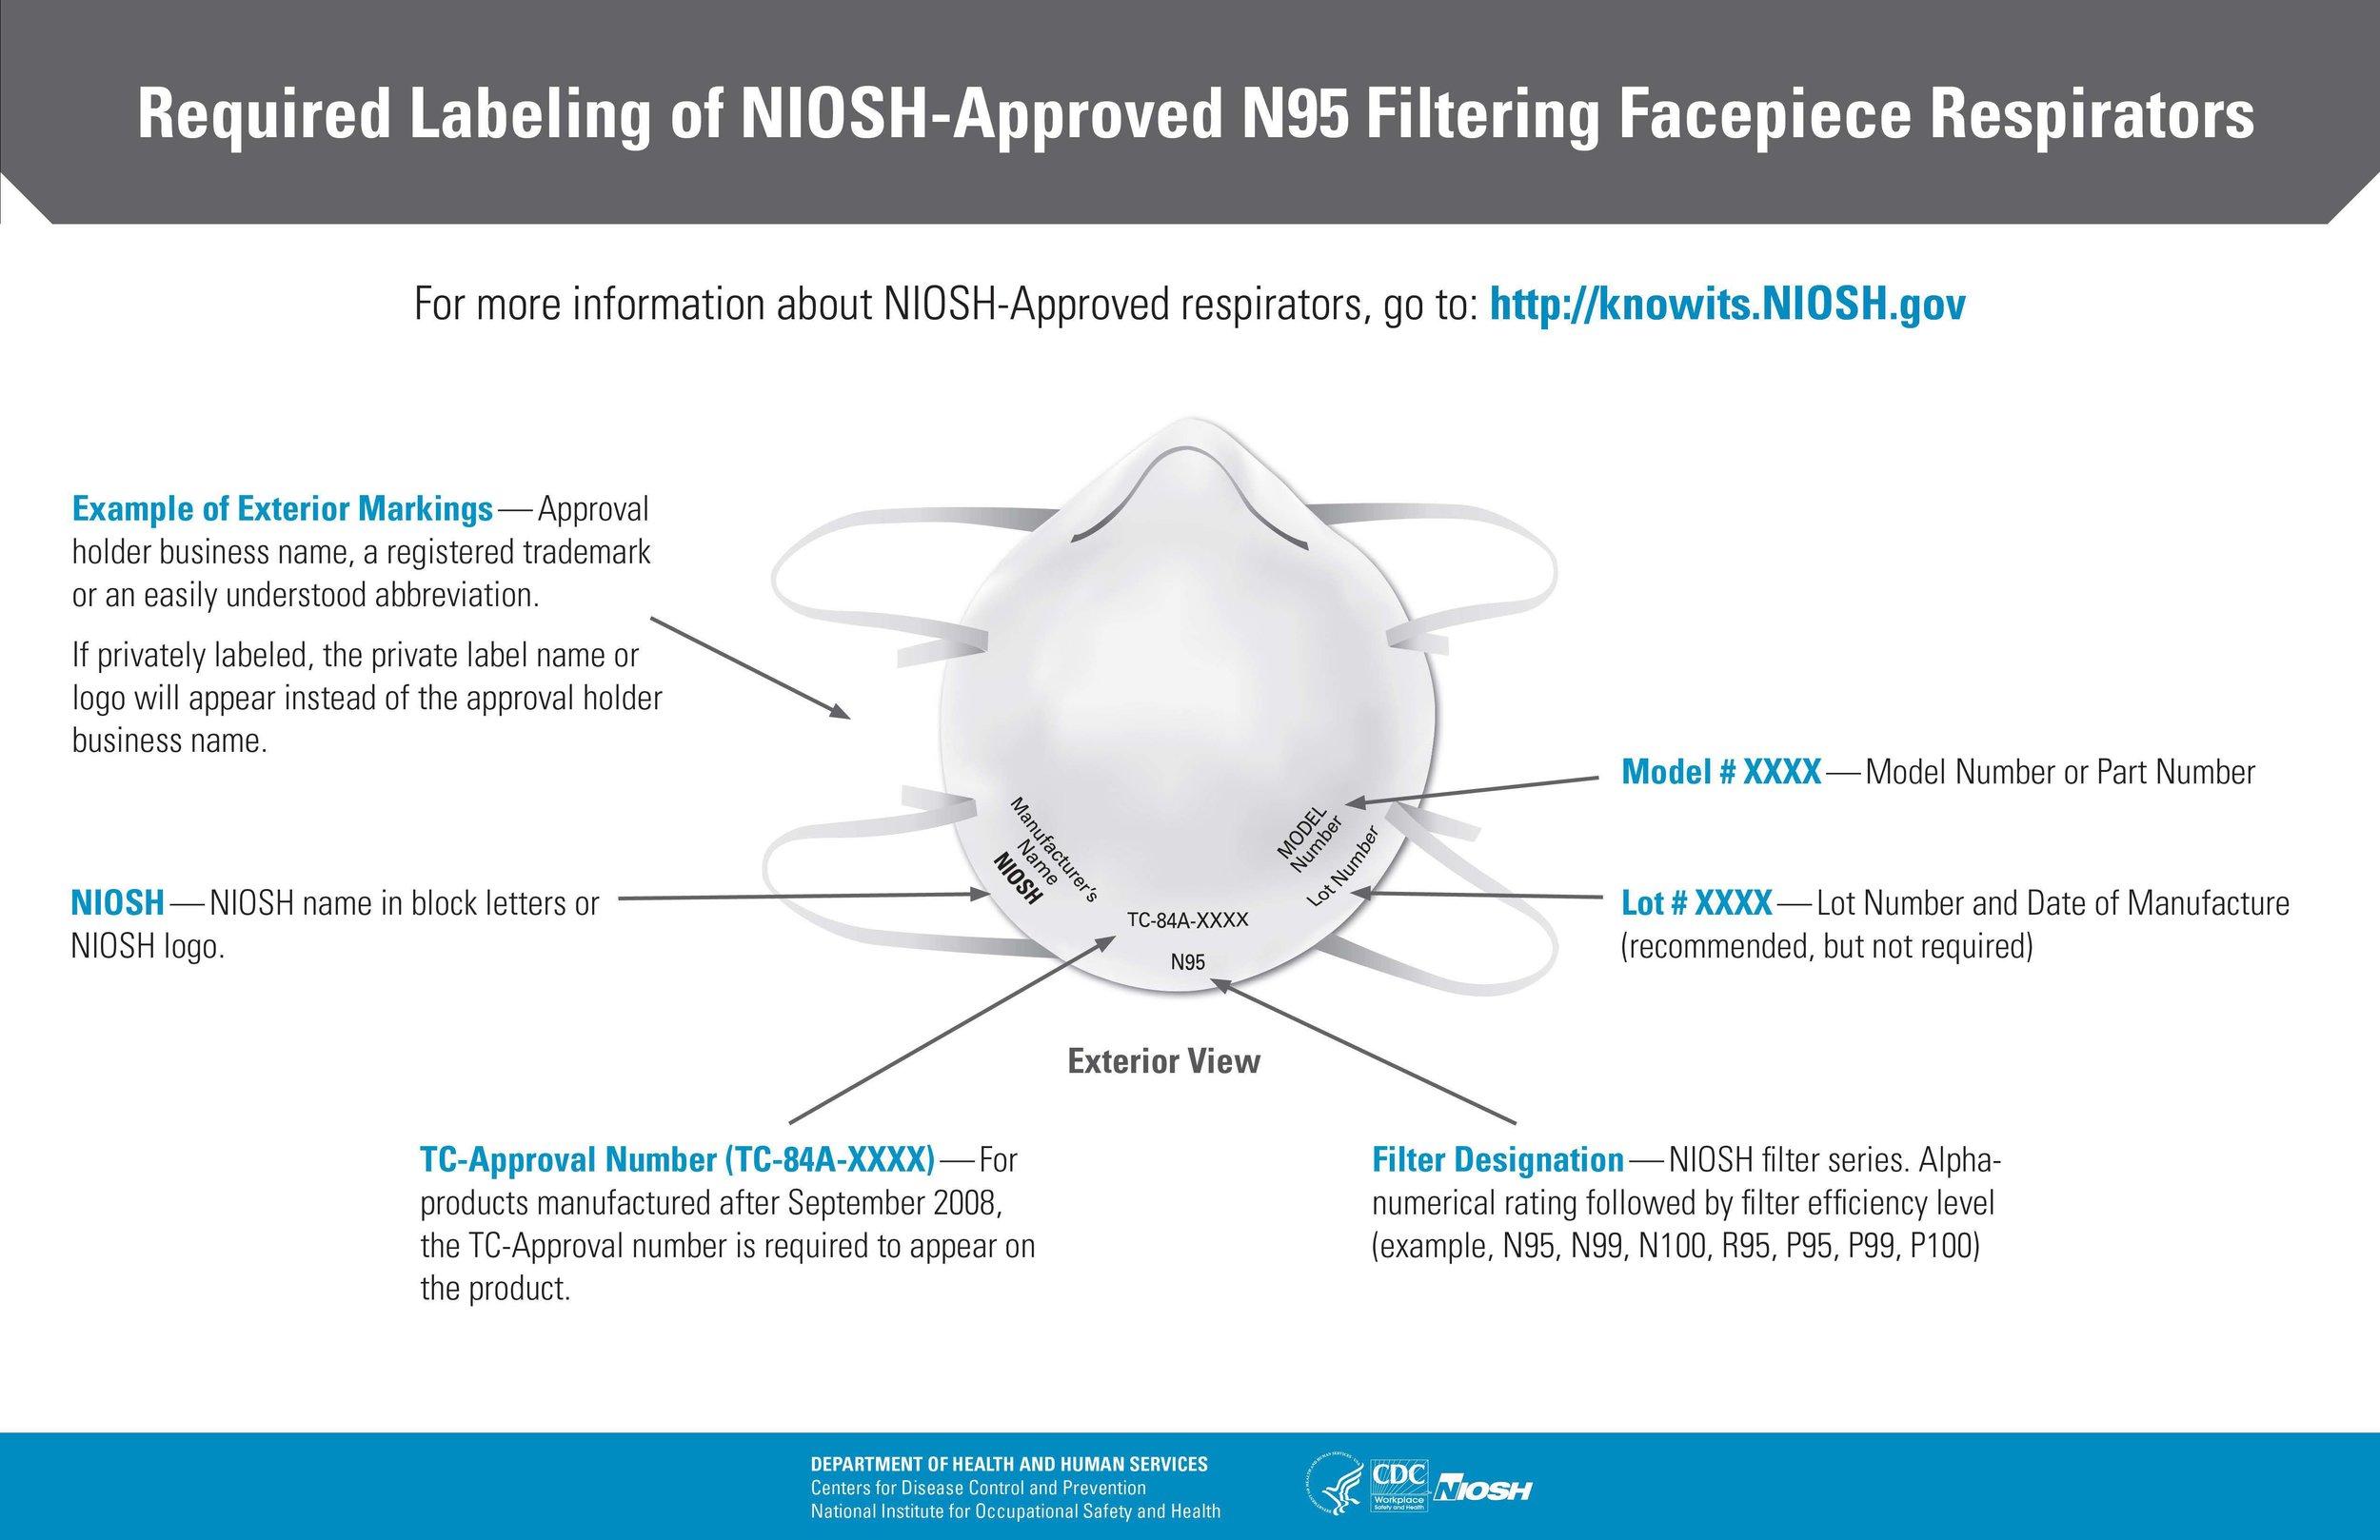 https://www.cdc.gov/niosh/npptl/pdfs/n95-infographic-mask-labeling.pdf